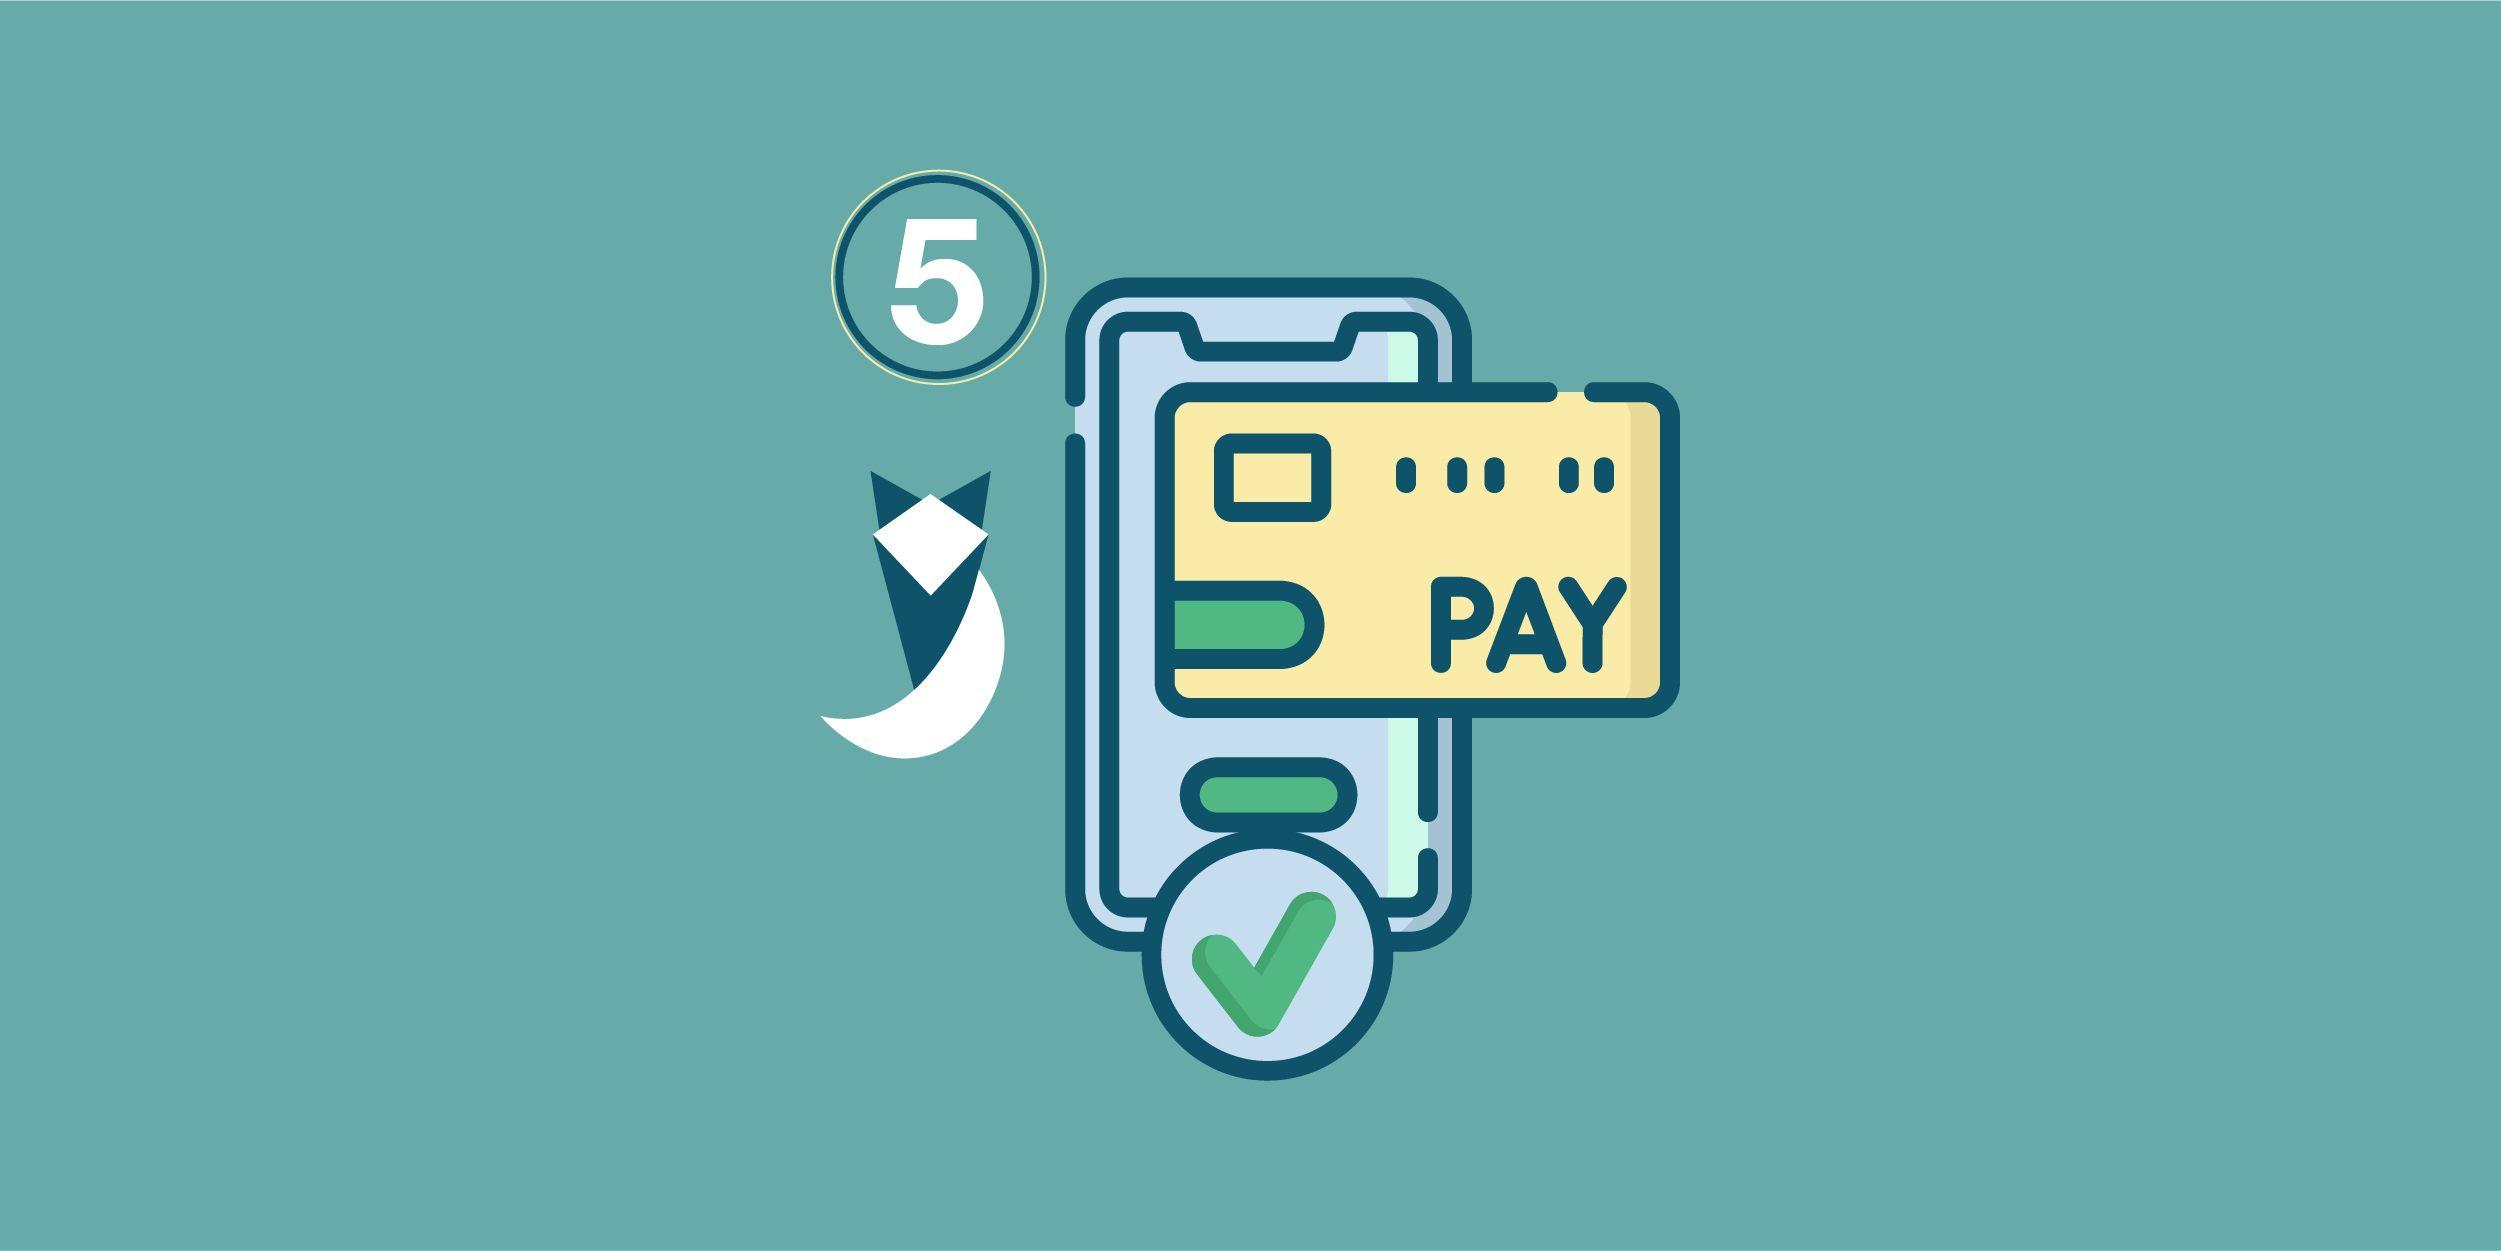 أشهر 4 وسائل دفع إلكتروني وبدائل للـ PayPal الشهير